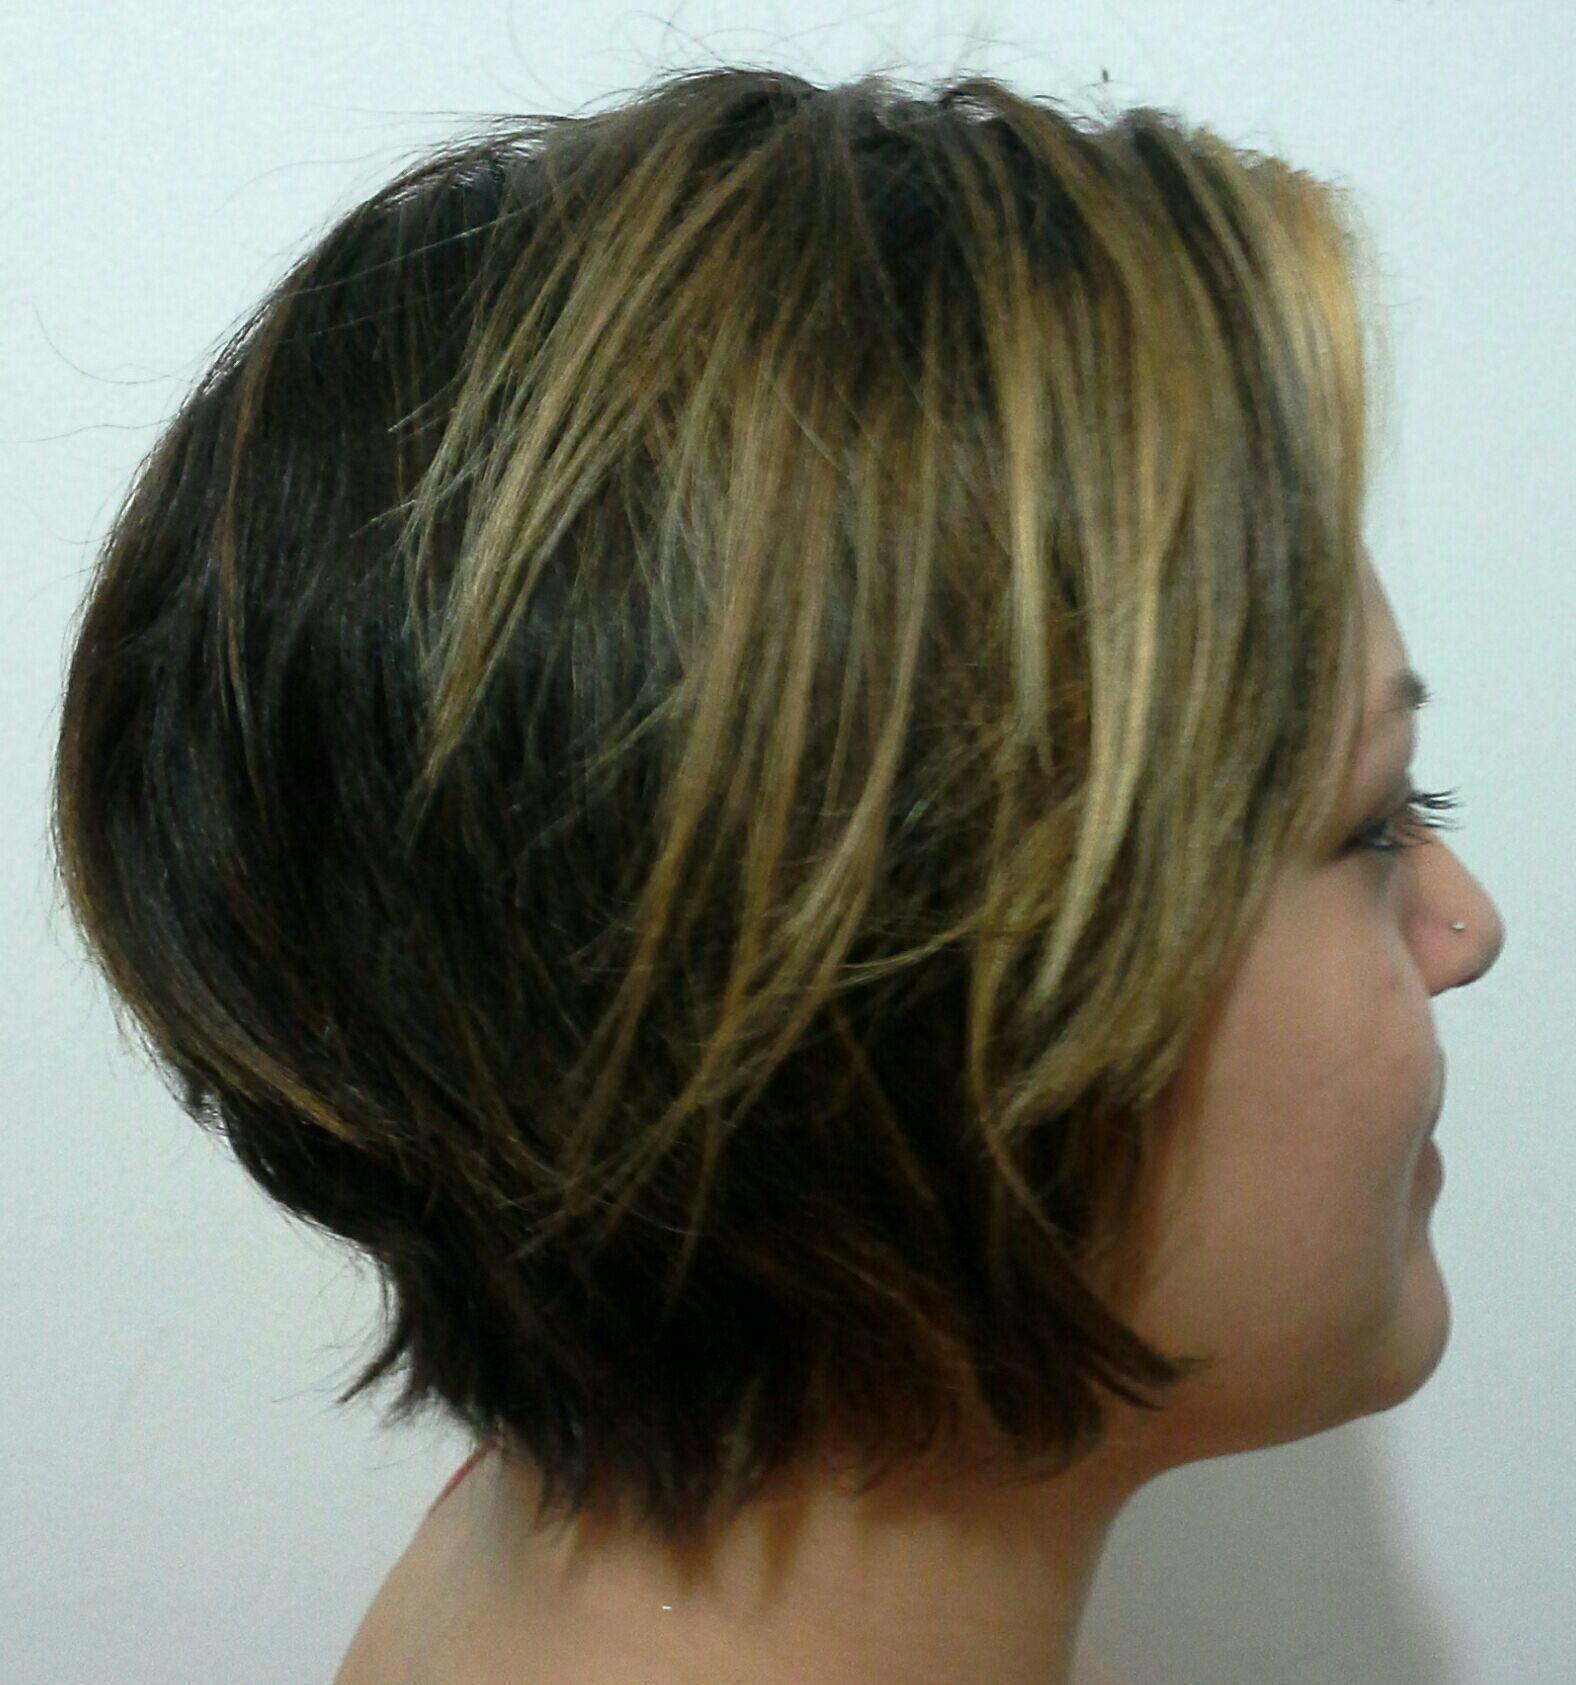 Corte  curto  iluminado  frontalmente  com algumas  luzes  para favorecer o olhar cabelo stylist / visagista cabeleireiro(a)